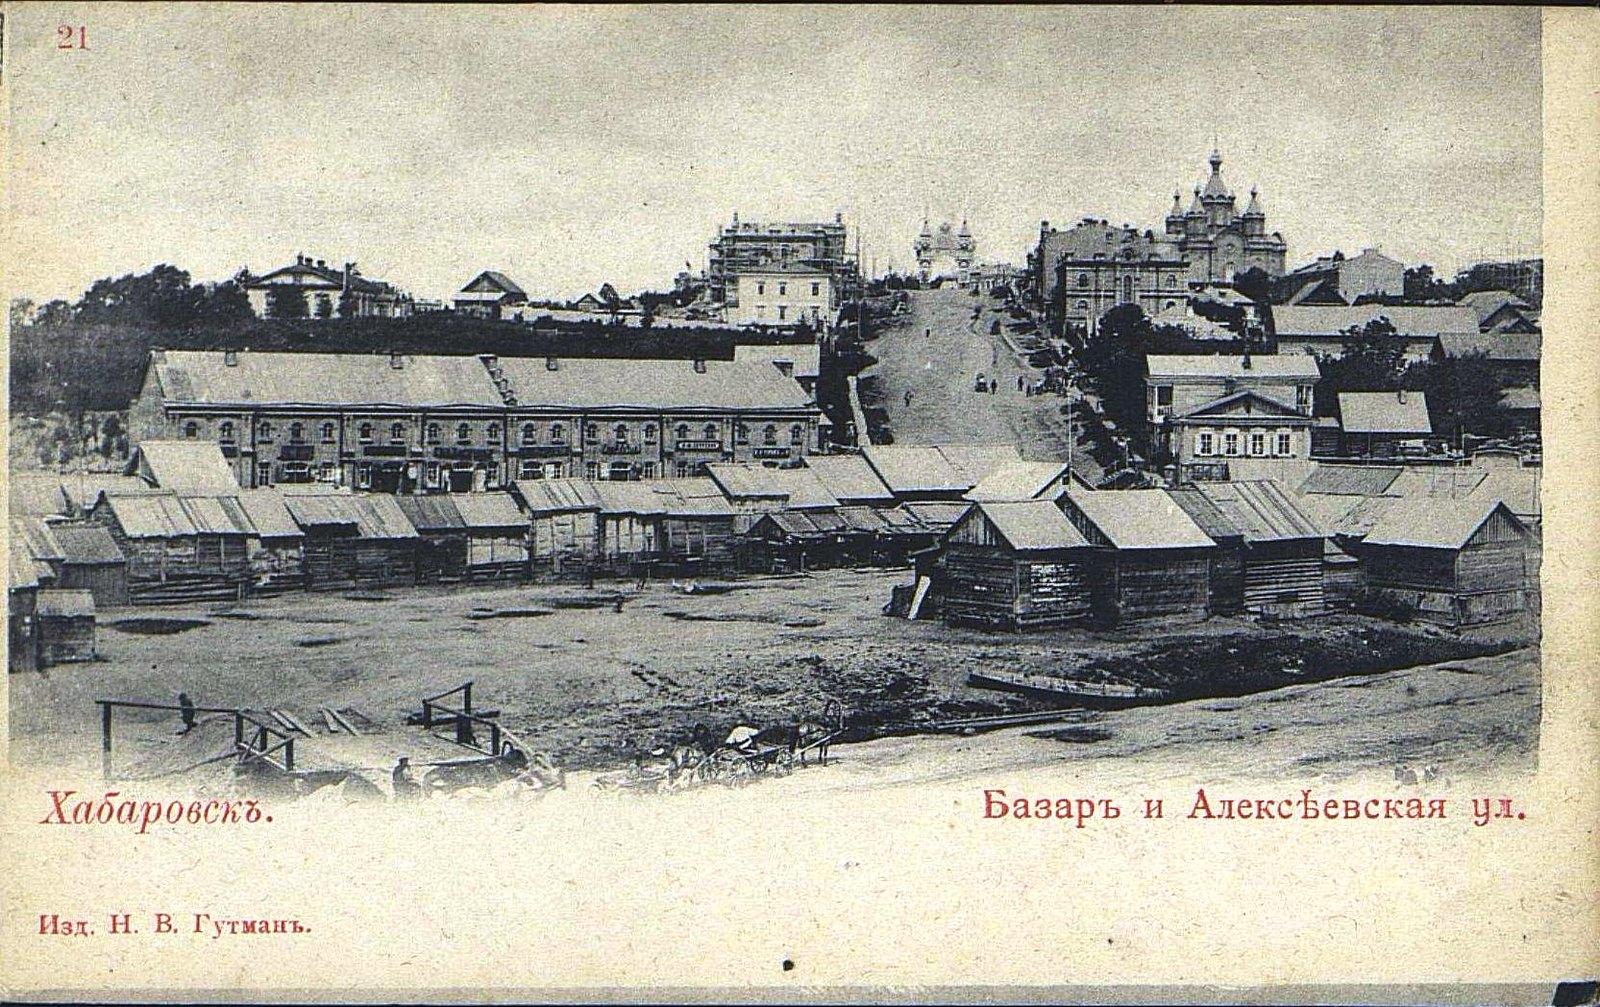 Базар и Алексеевская улица